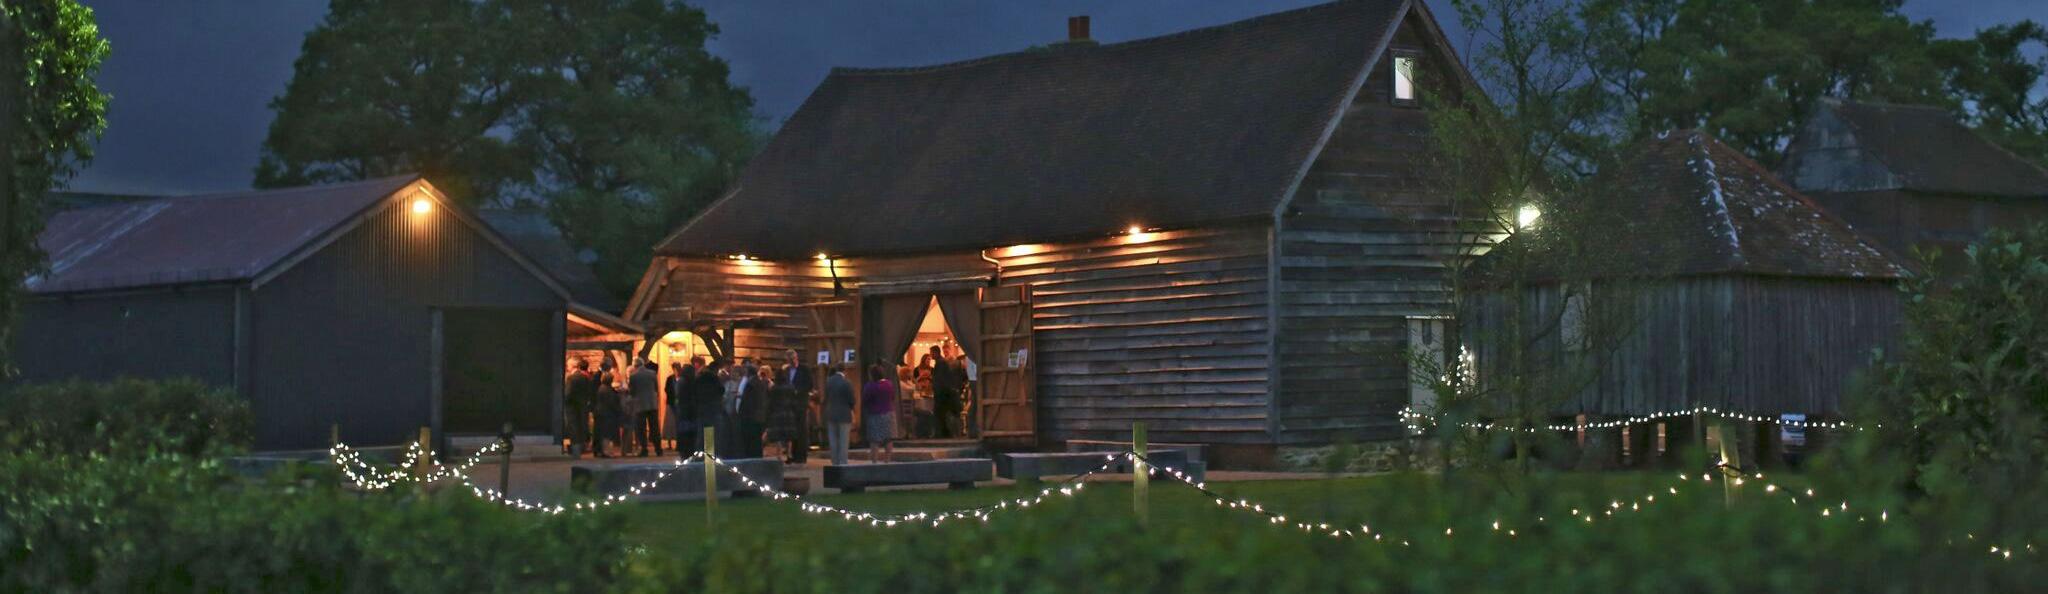 image of the barn at night